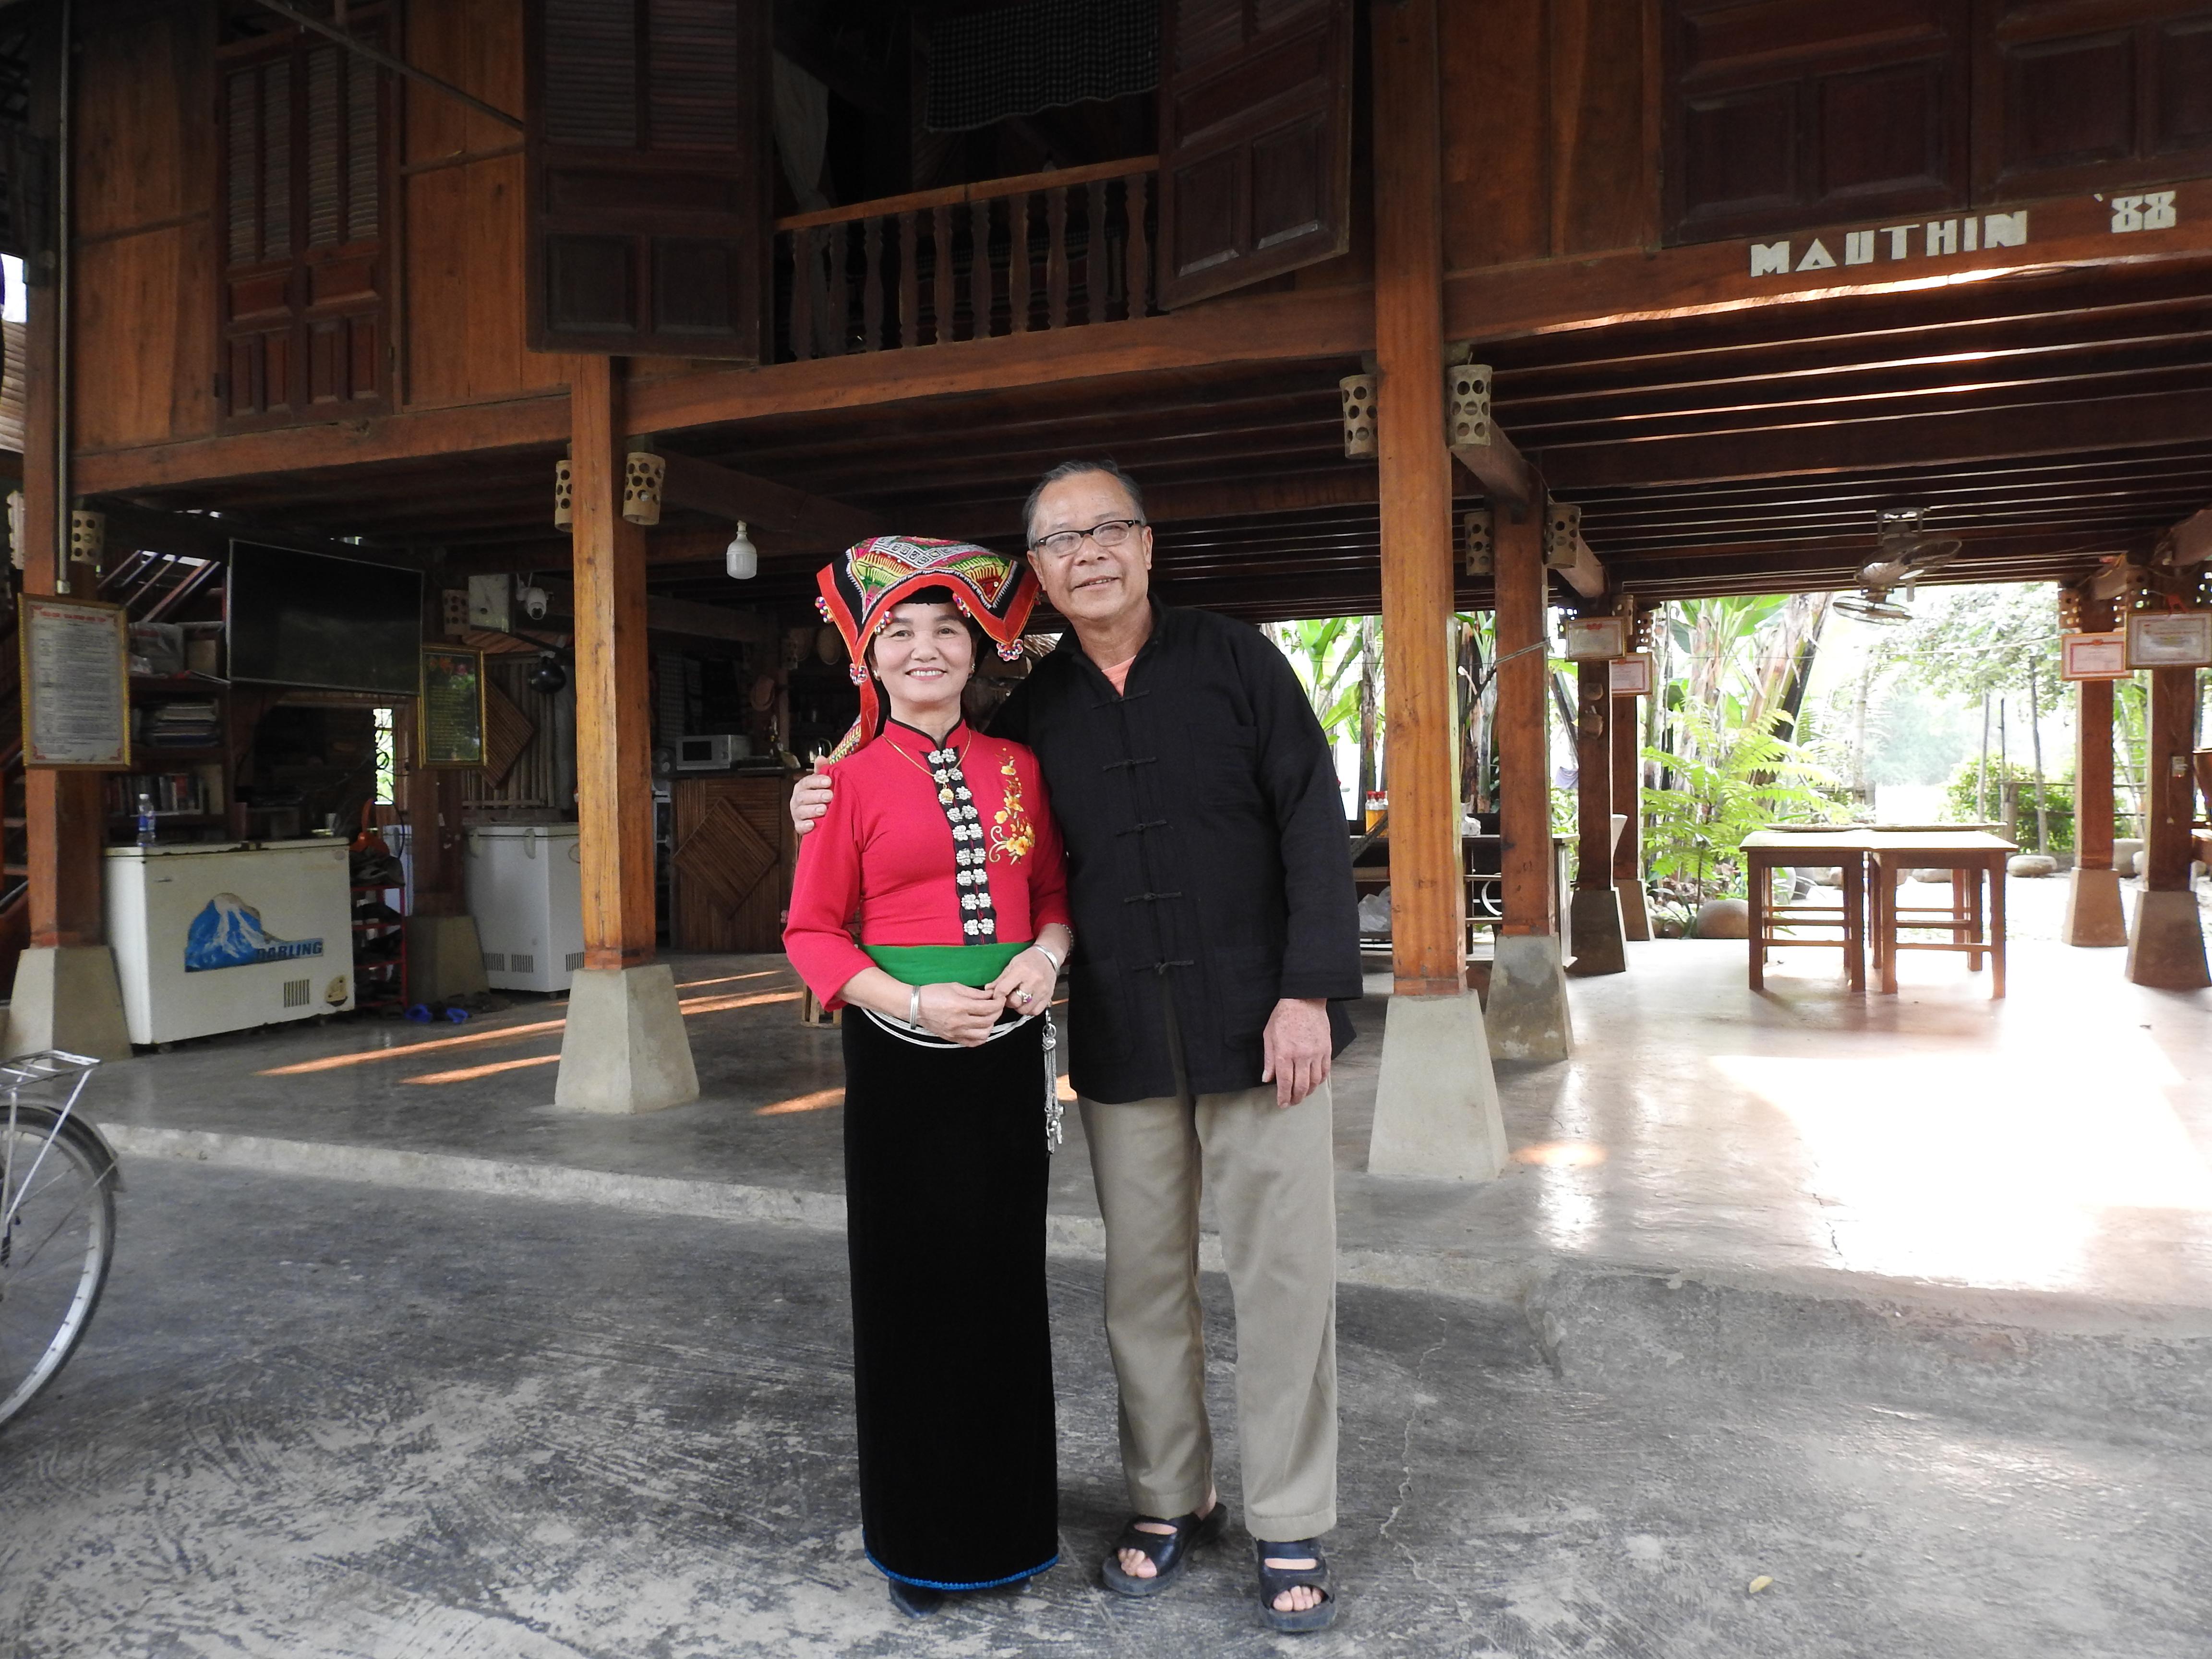 Ông Điêu Văn Khang cùng vợ trong căn nhà dịch vụ Homstay của gia đình